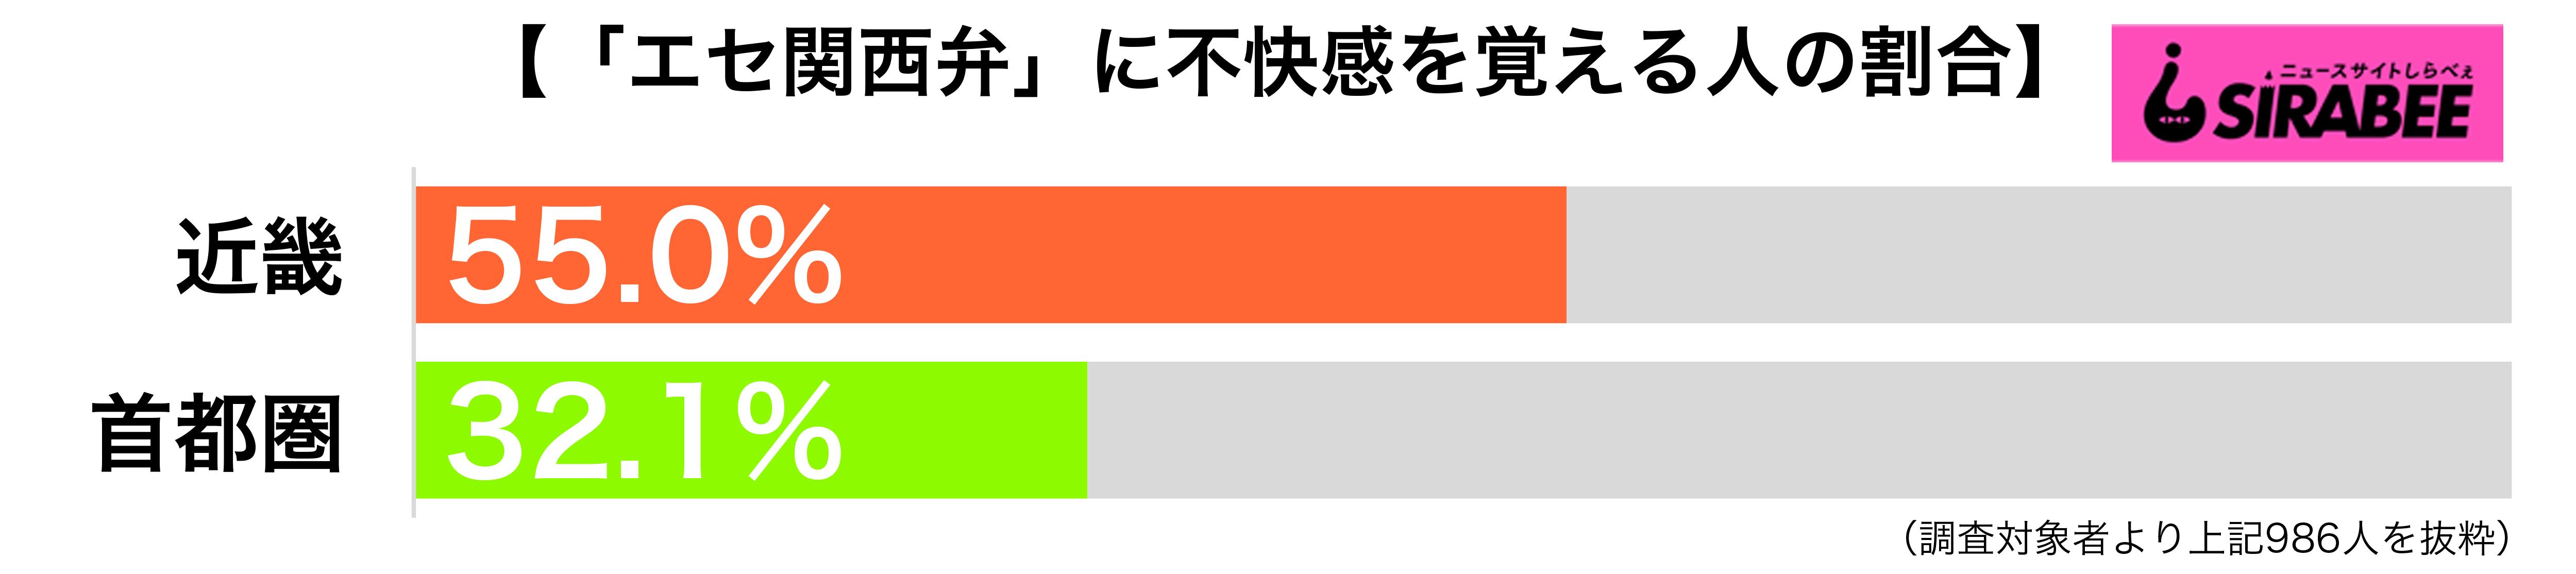 エセ関西弁に不快感を覚える地域別グラフ